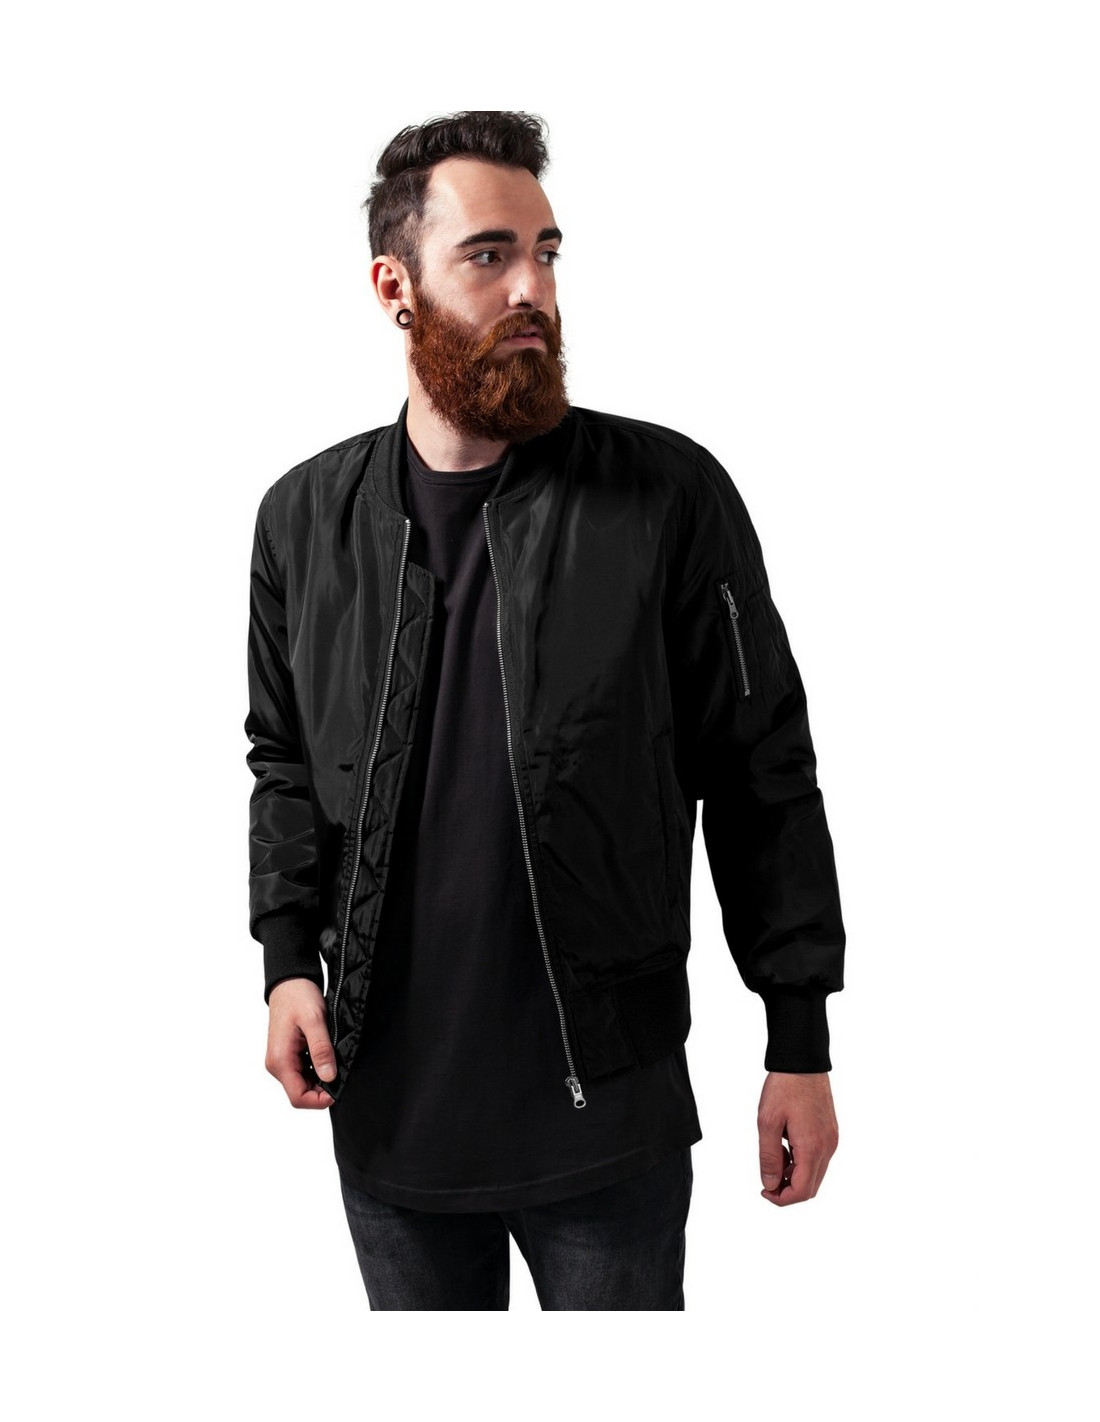 2-Tone Bomber Jacket Black